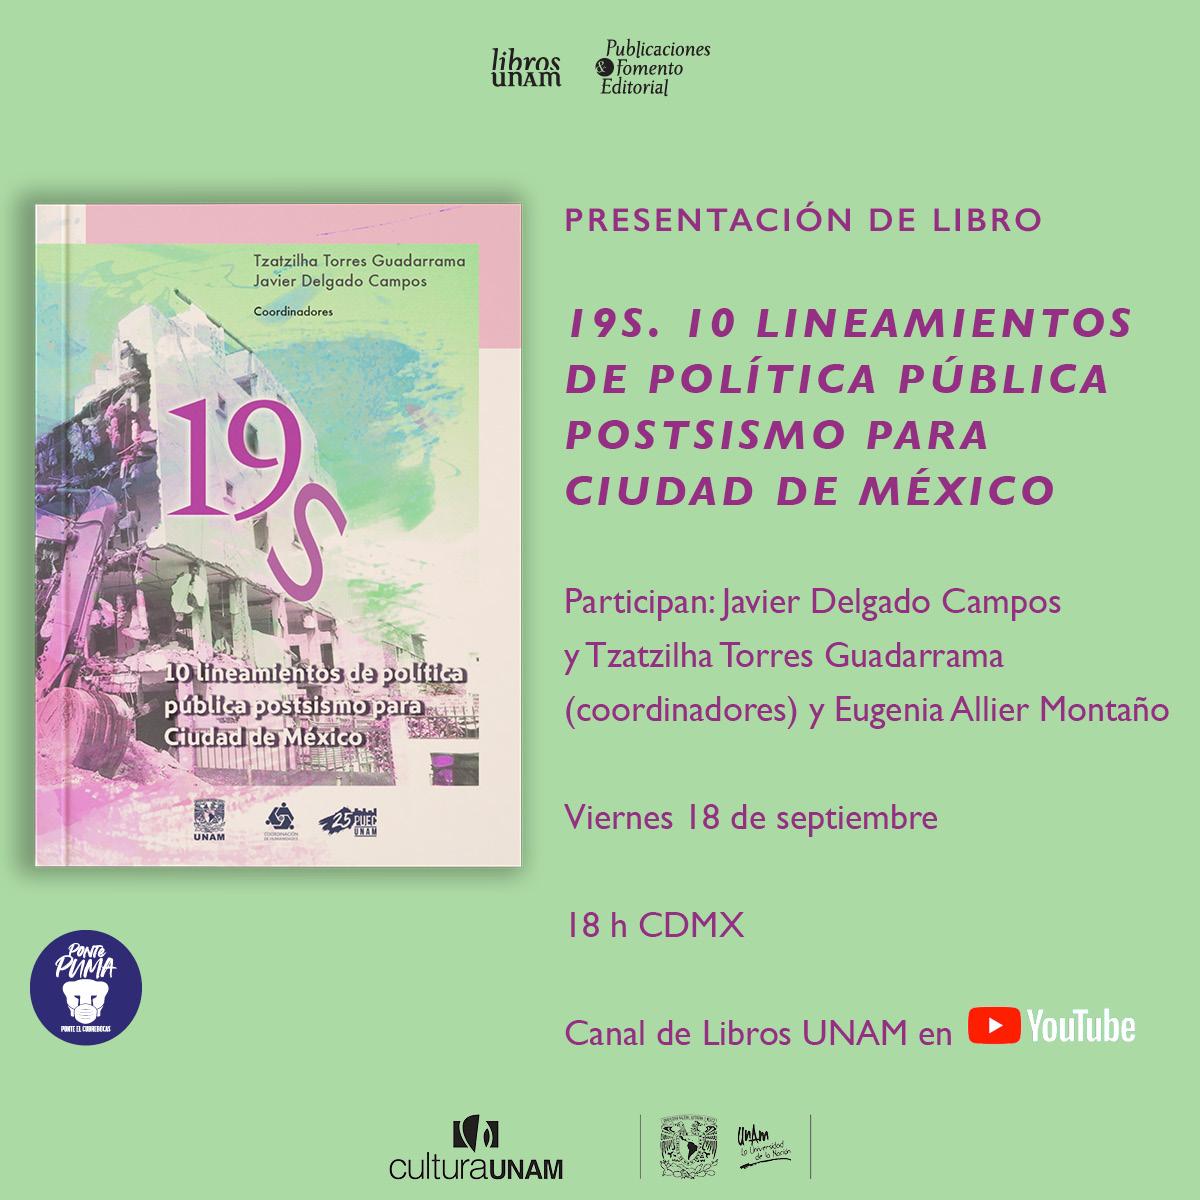 <p><strong>19S.</strong><em>10 lineamientos de política pública postsismo</em></p>